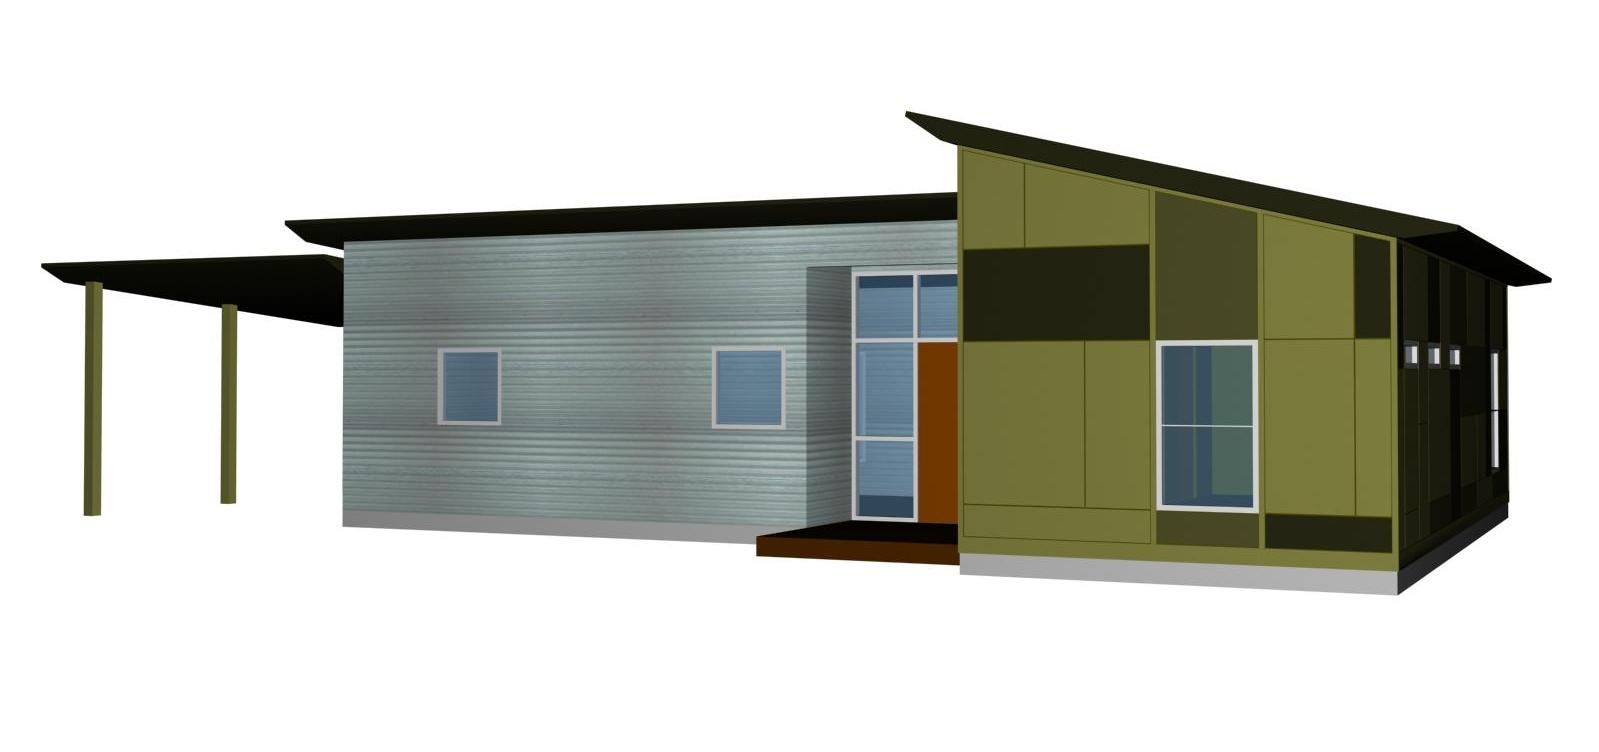 900 house -2.jpg